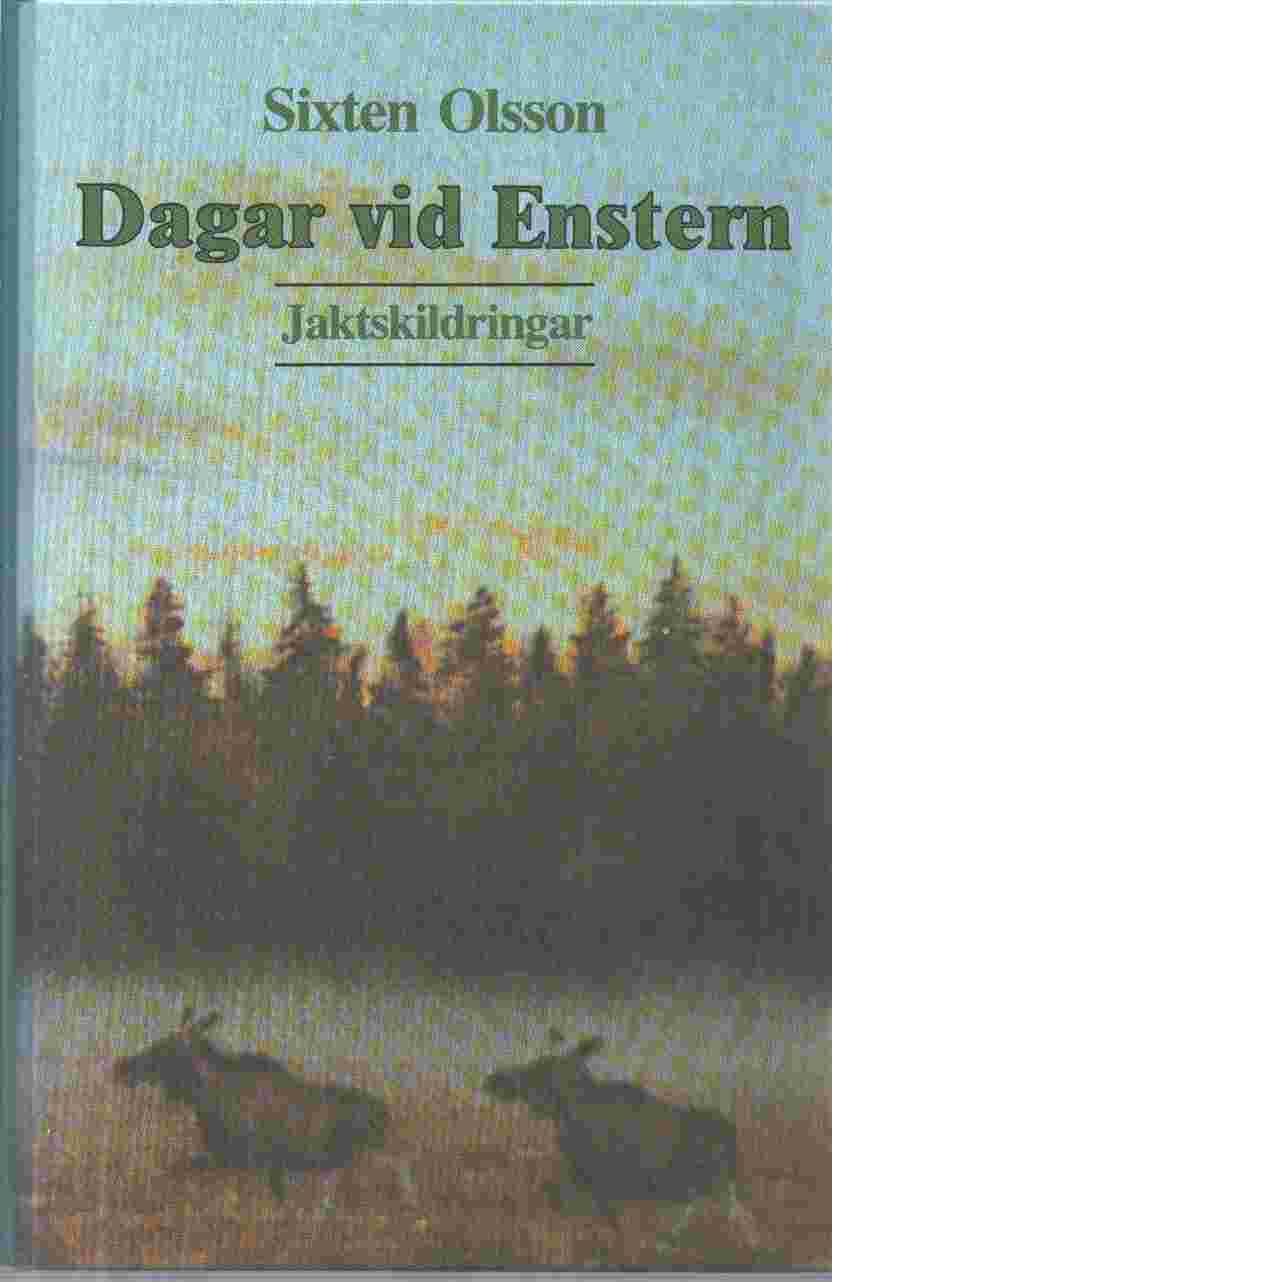 Dagar vid Enstern : jaktskildringar - Olsson, Sixten